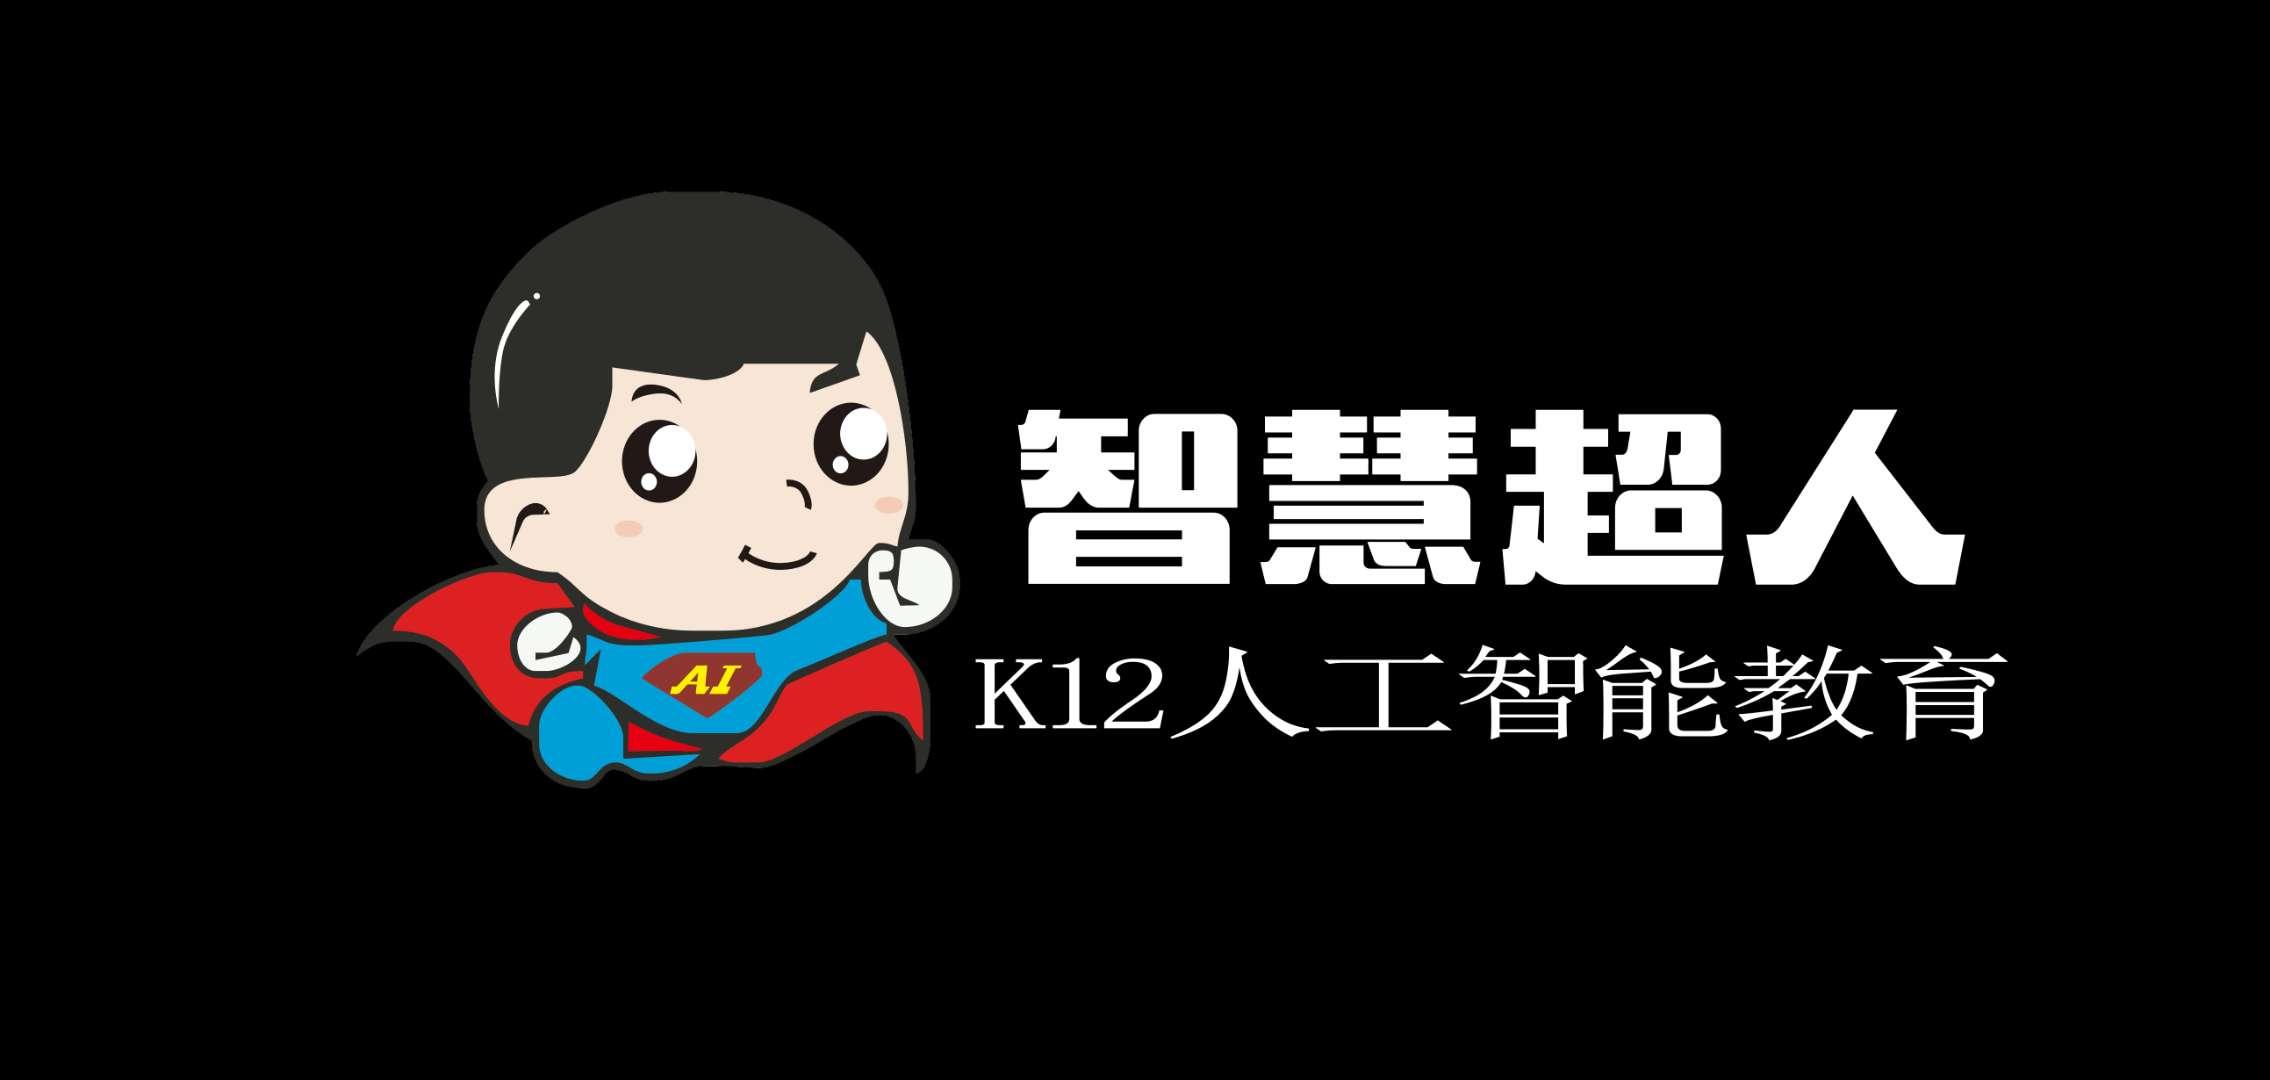 智慧超人K12人工智能教育品牌logo